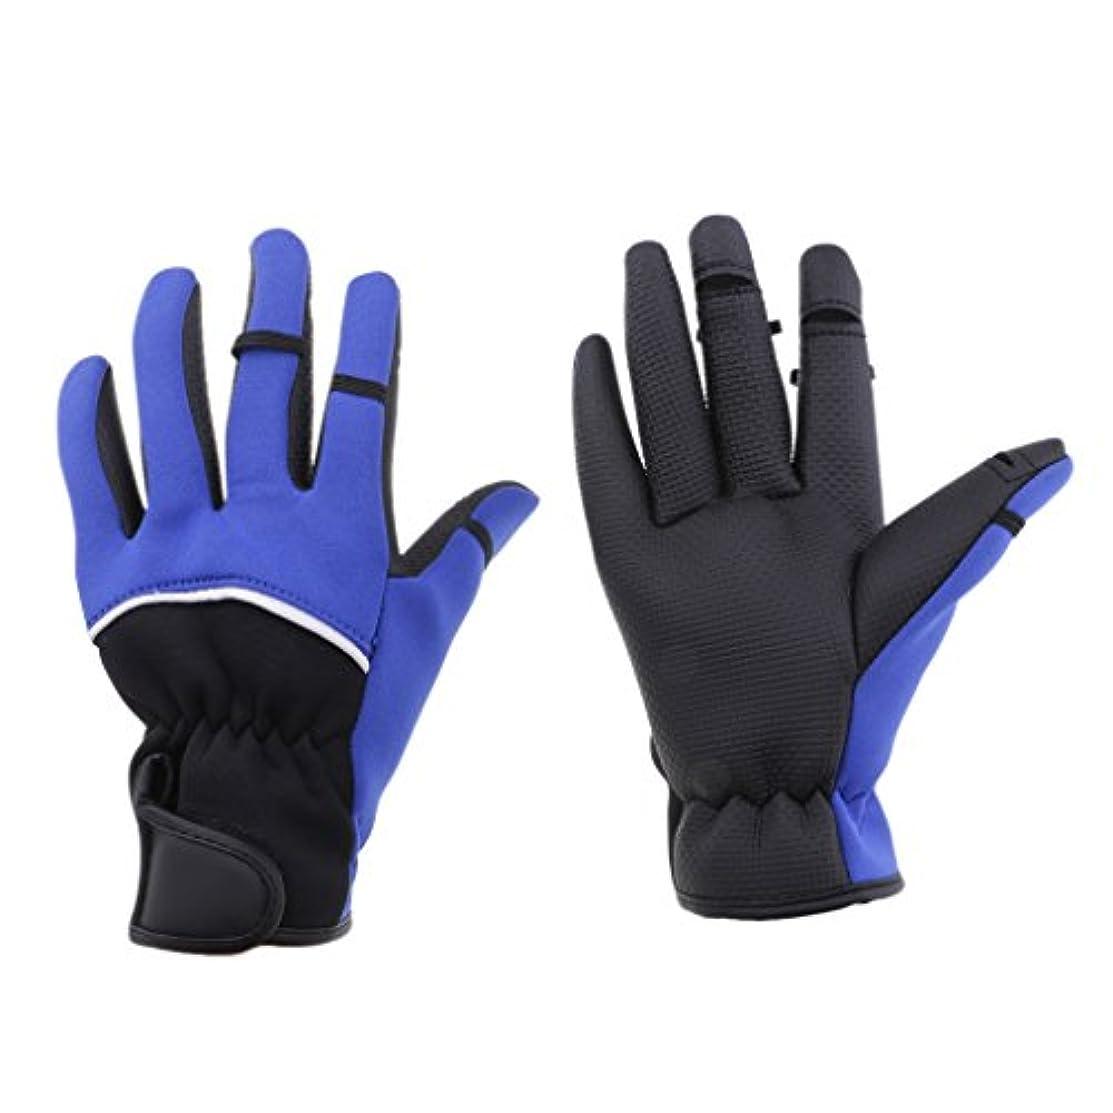 ルート破裂生き残りますFenteer 自転車 乗馬 釣り手袋 グローブ 保暖 防寒 滑り止め 手保護 指3本出す 軽量 折りたたみ可能 フィット感